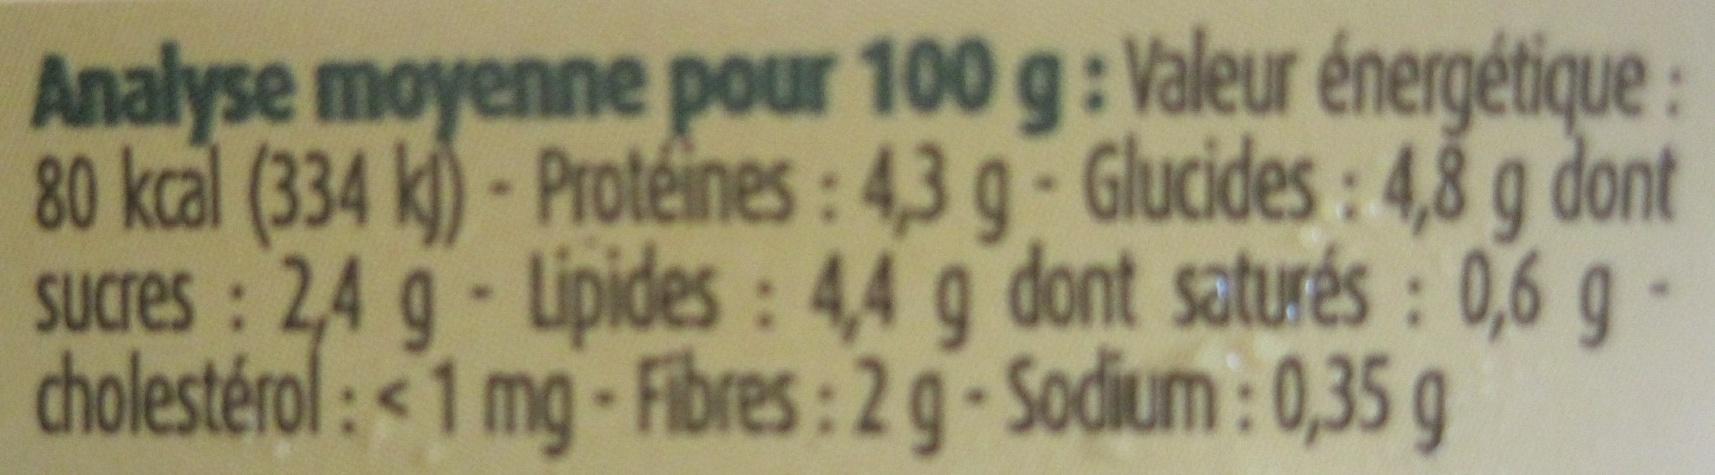 Purée bio patates douces et carottes - Informations nutritionnelles - fr